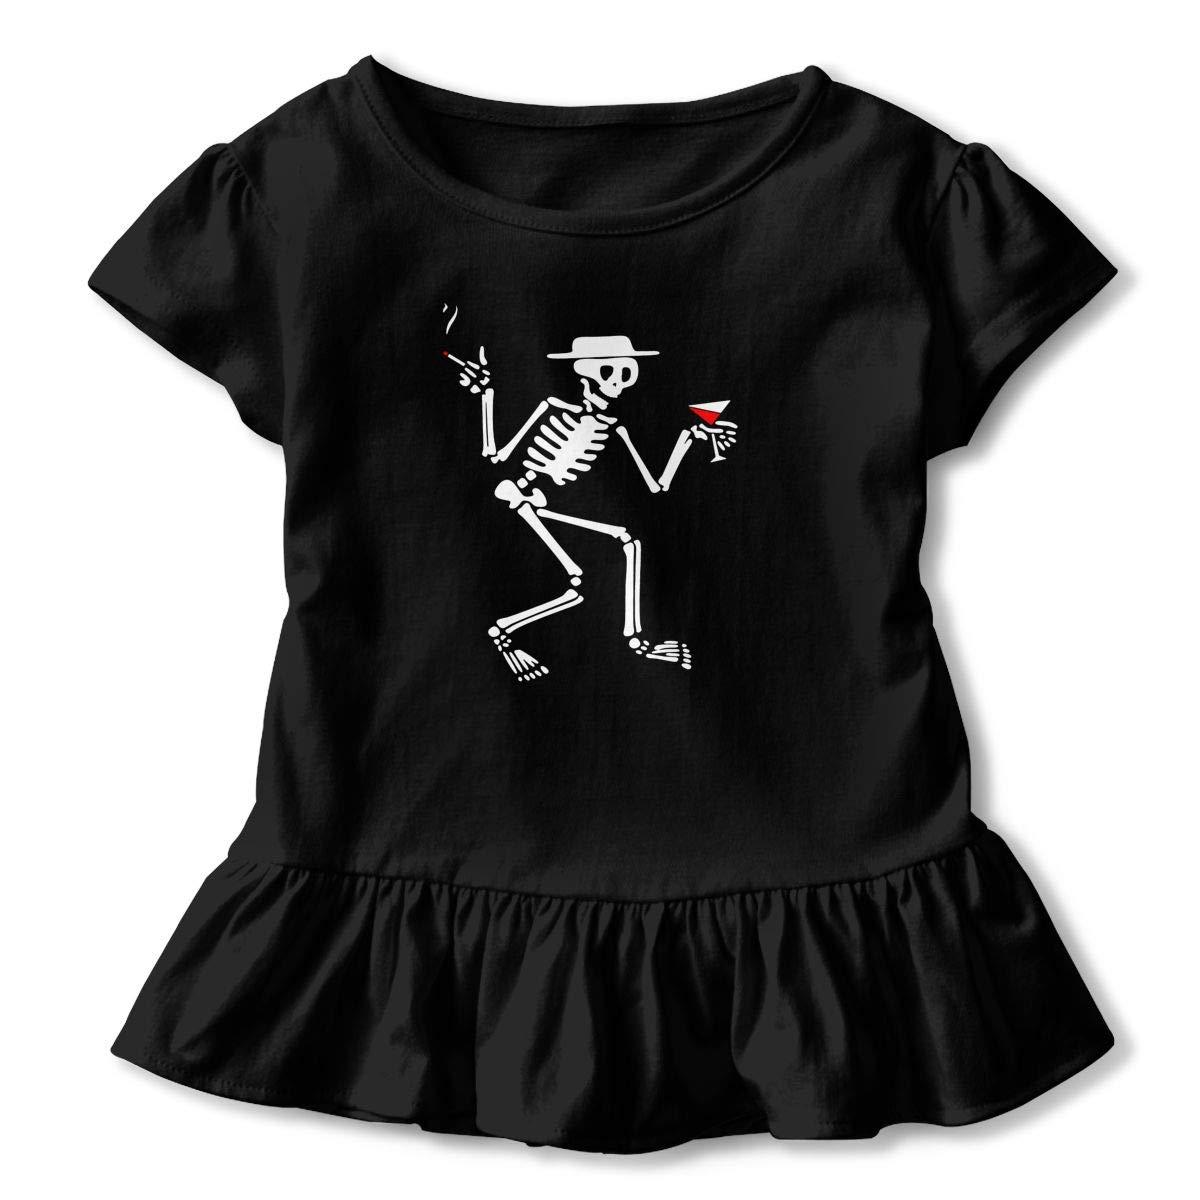 Cheng Jian Bo 3D Dancing Skeleton Dancing Toddler Girls T Shirt Kids Cotton Short Sleeve Ruffle Tee